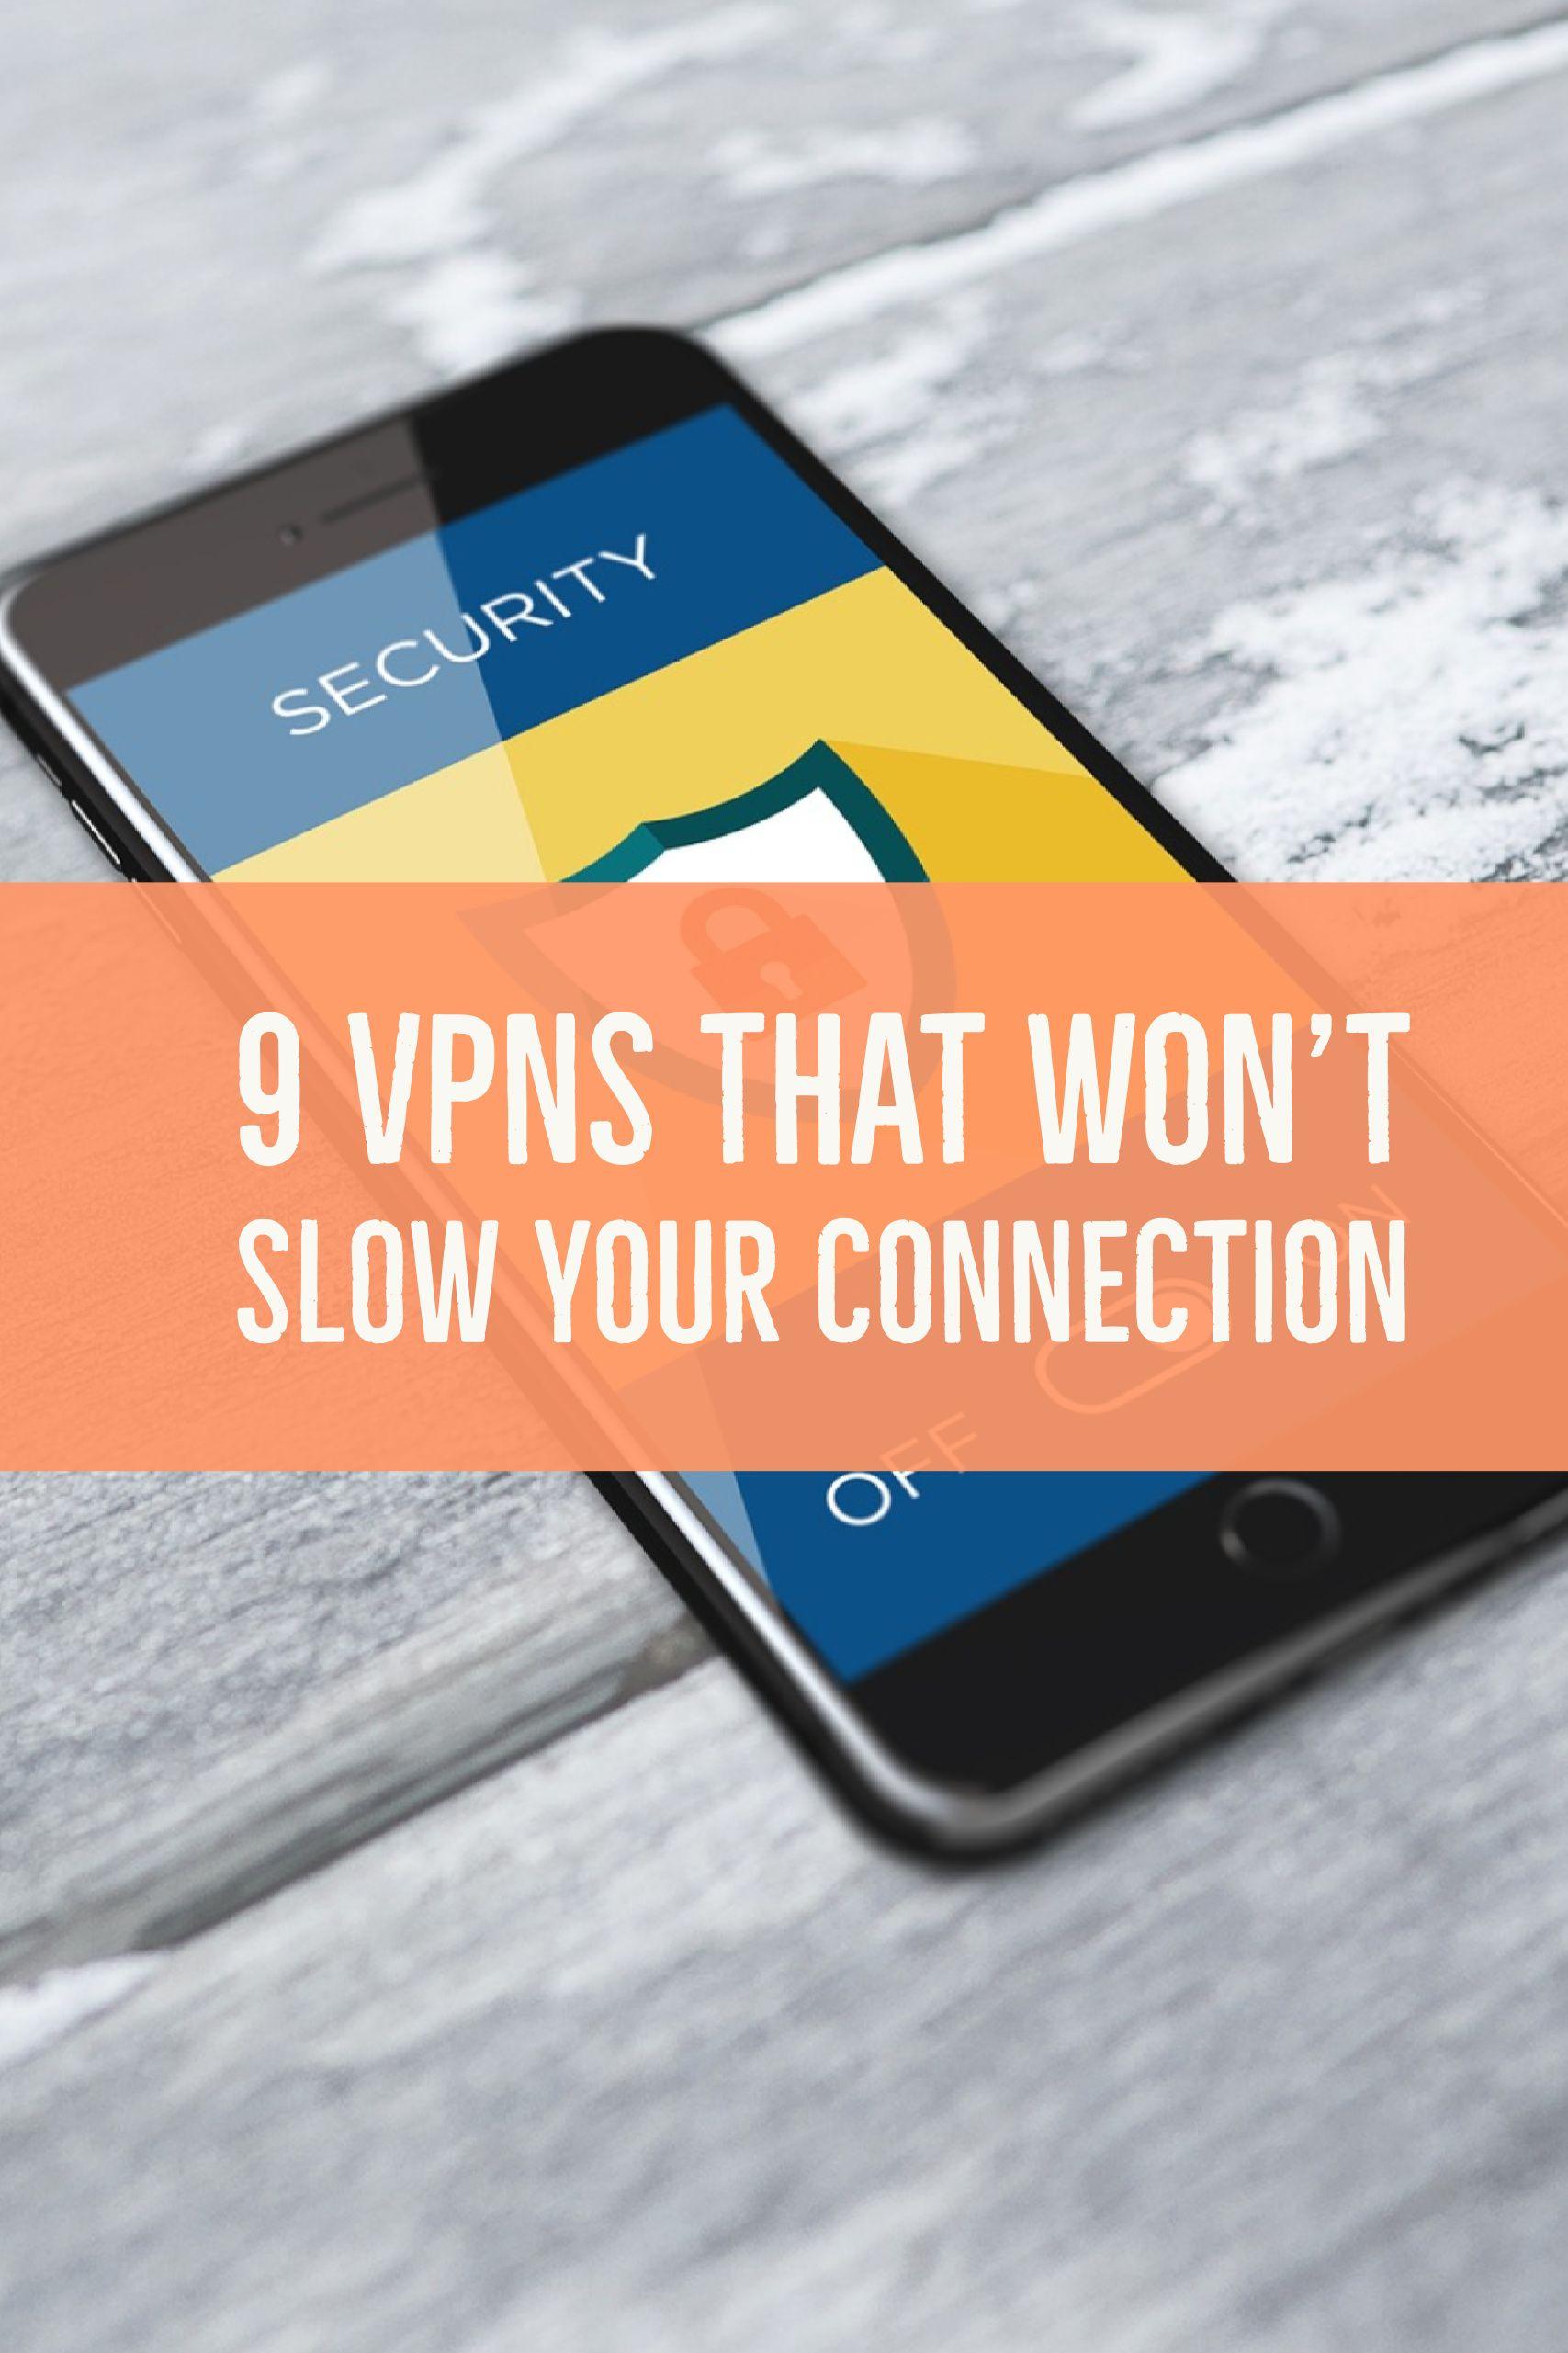 415ef5ba505ac96adb8840199a6dbf1e - Does A Vpn Slow Down Internet Speed